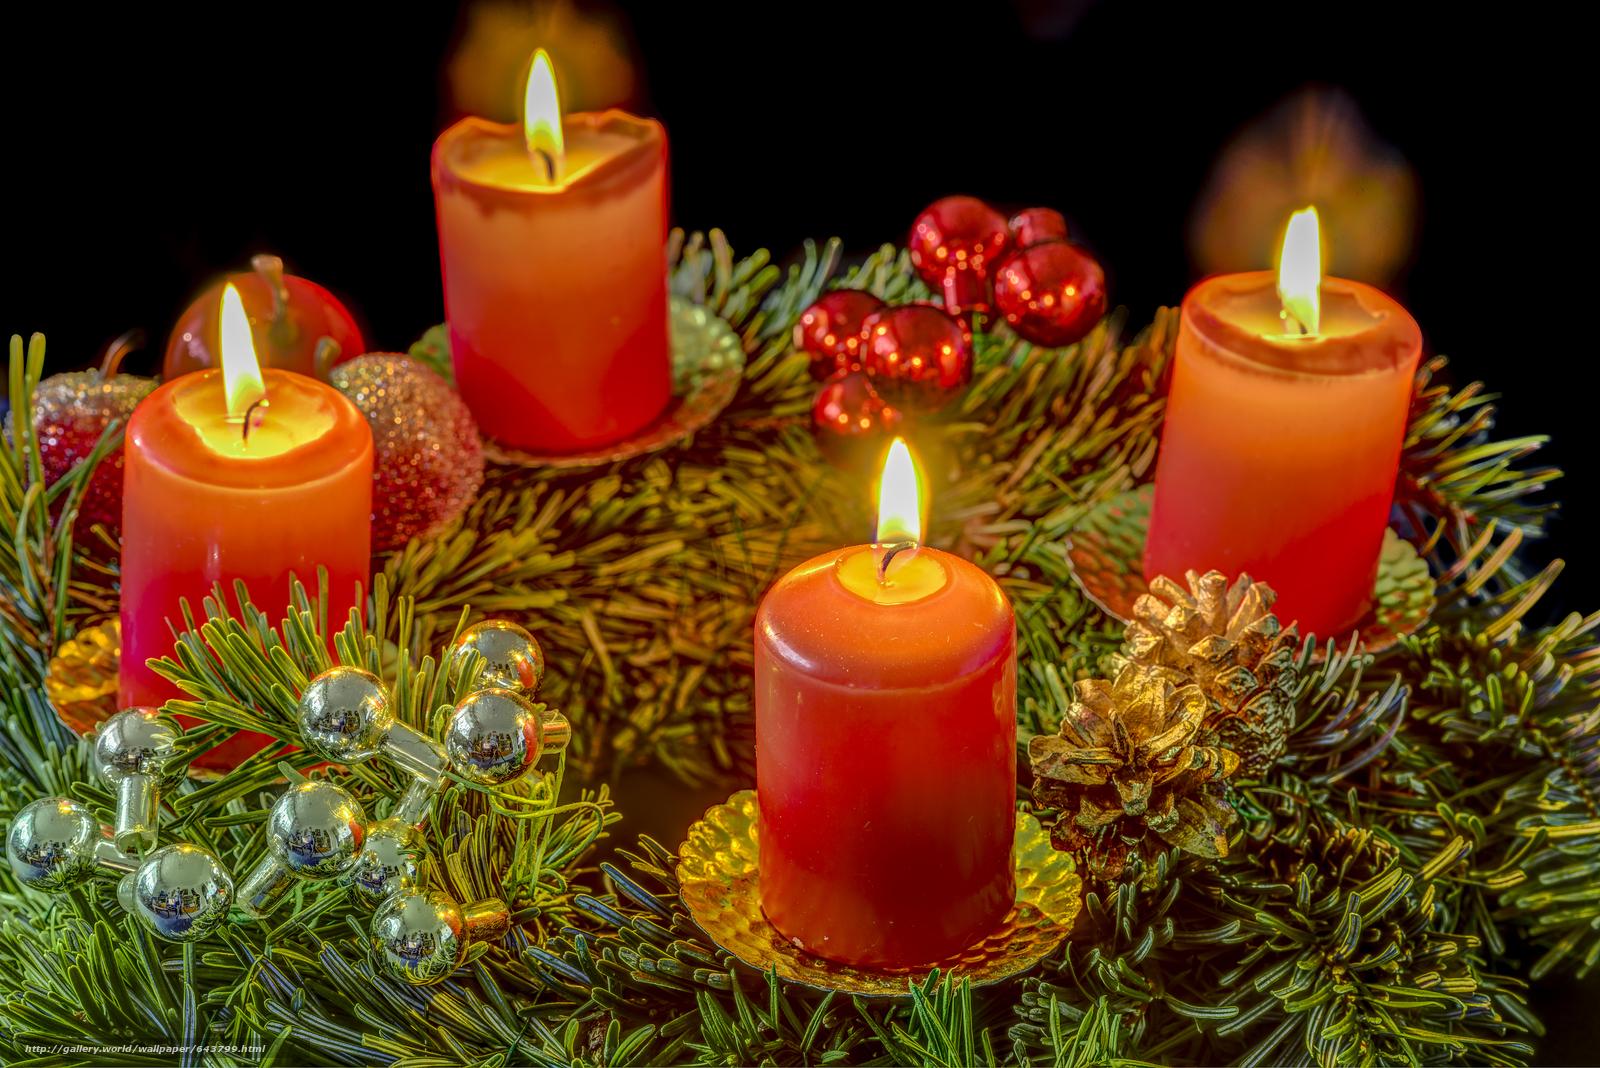 Скачать обои новый год,  рождество,  новогодние обои,  свечи бесплатно для рабочего стола в разрешении 6016x4016 — картинка №643799